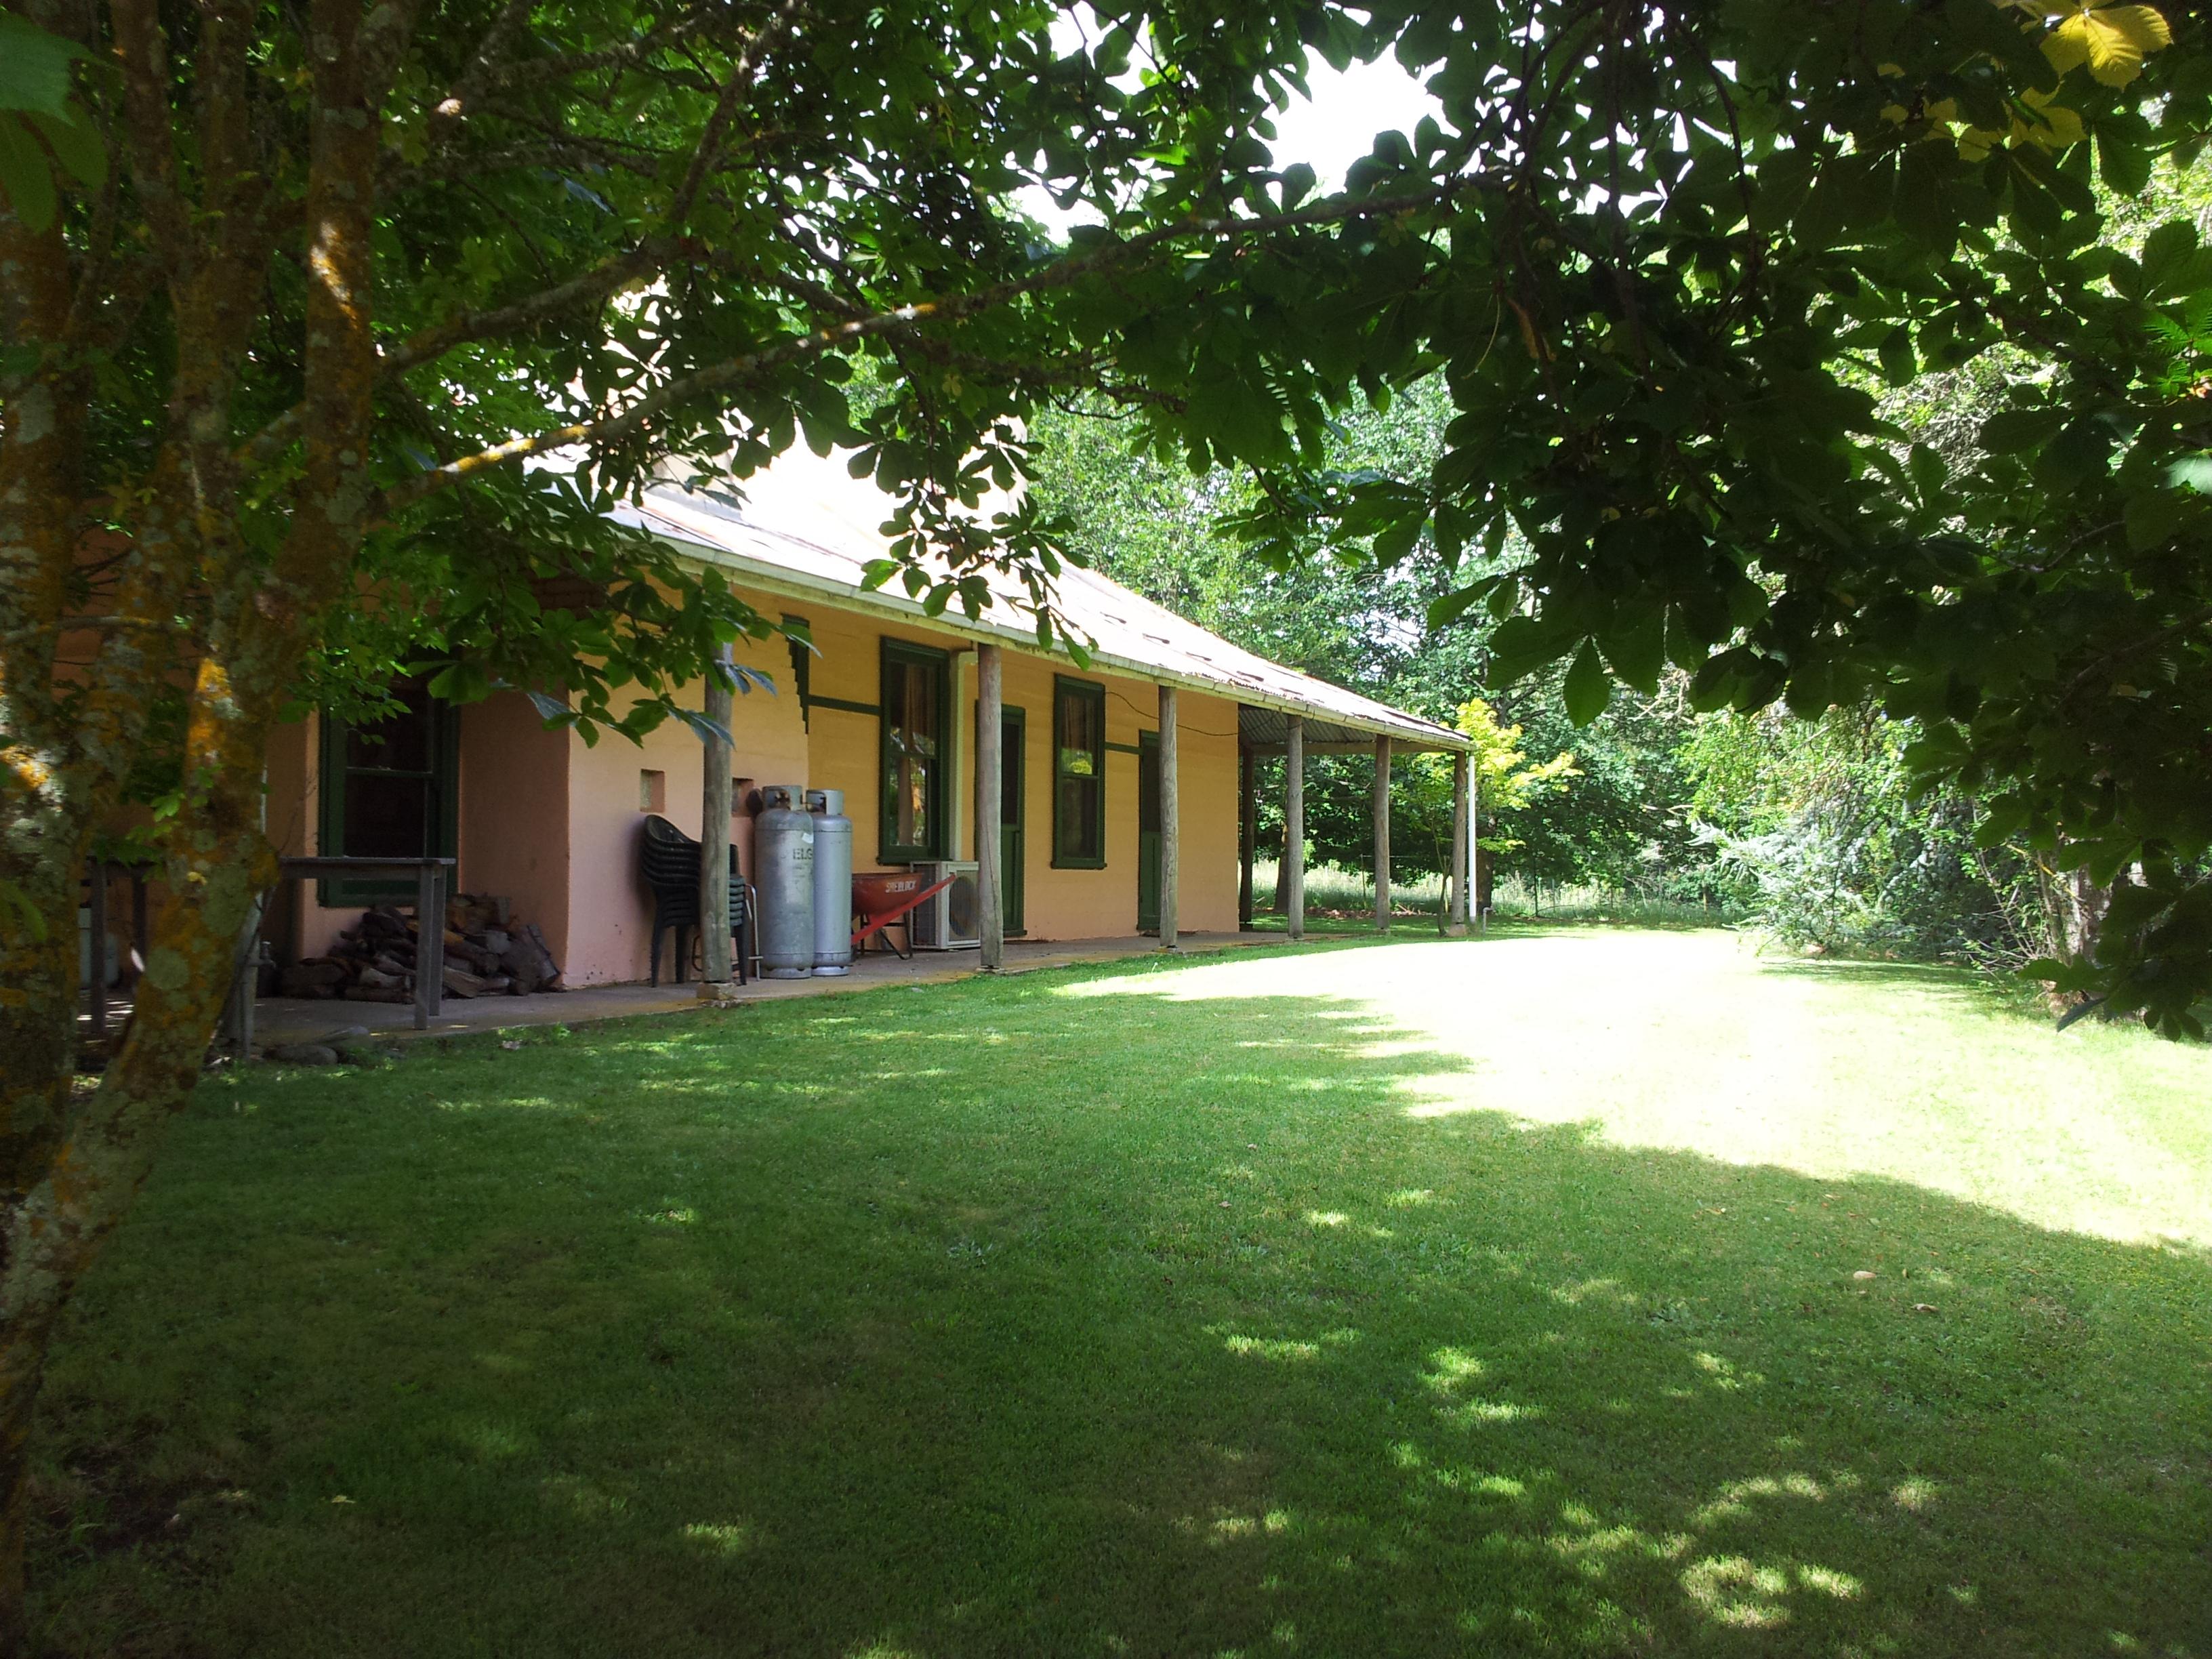 Chris's lawn